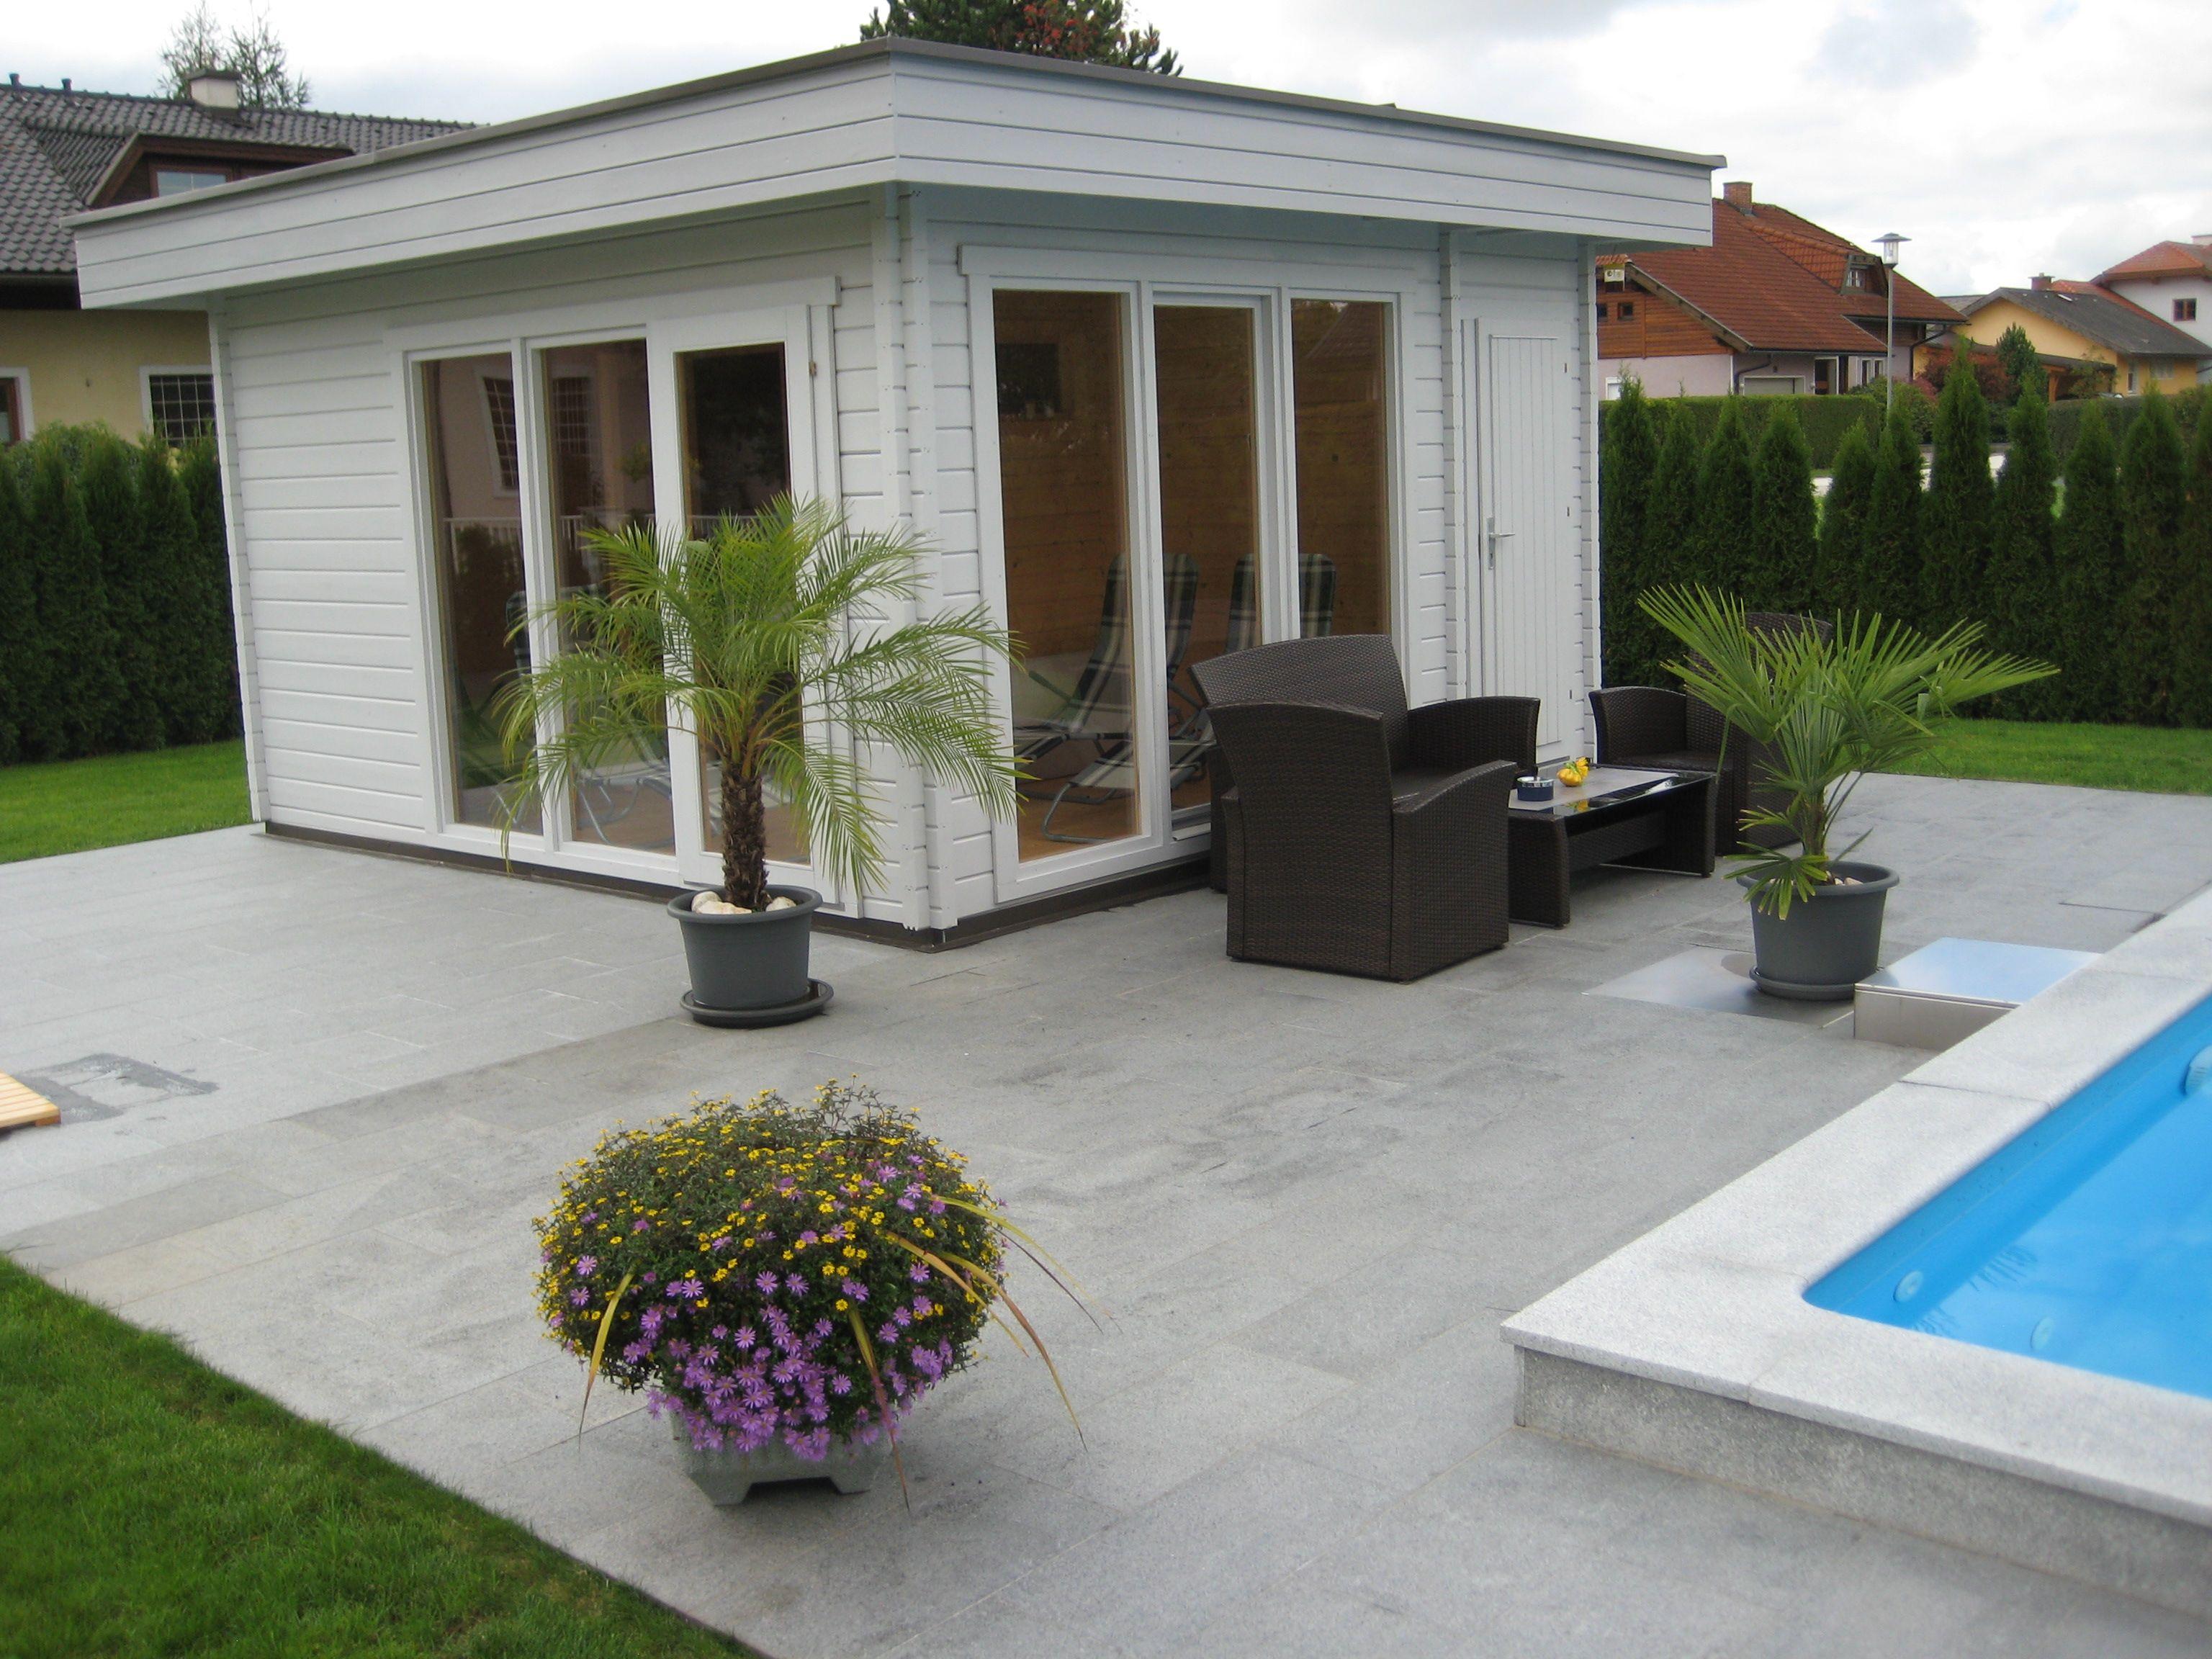 Stylisches Flachdach Gartenhaus mit einer mediterranen